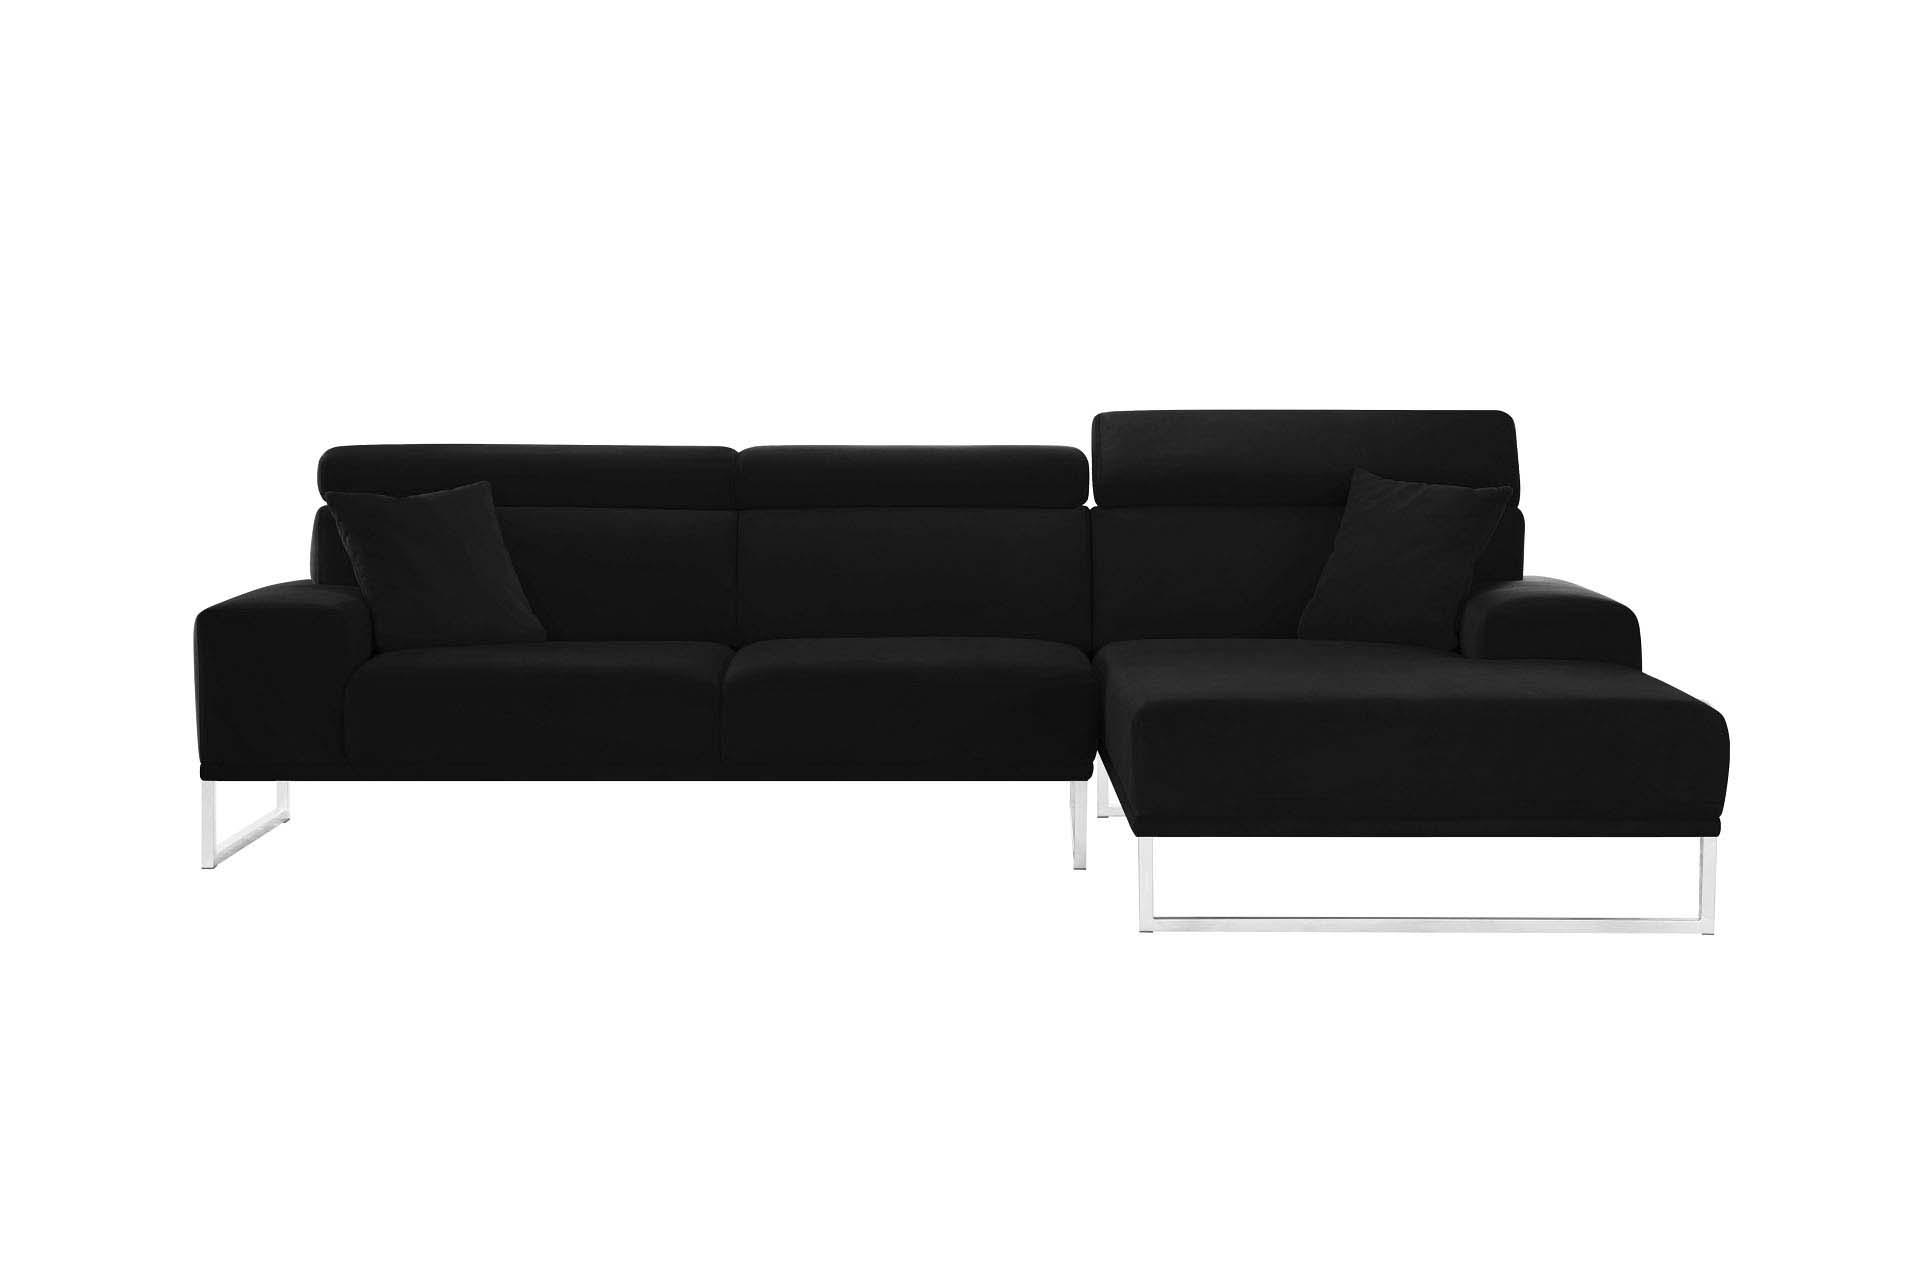 Canapé d'angle droit 5 places en velours noir